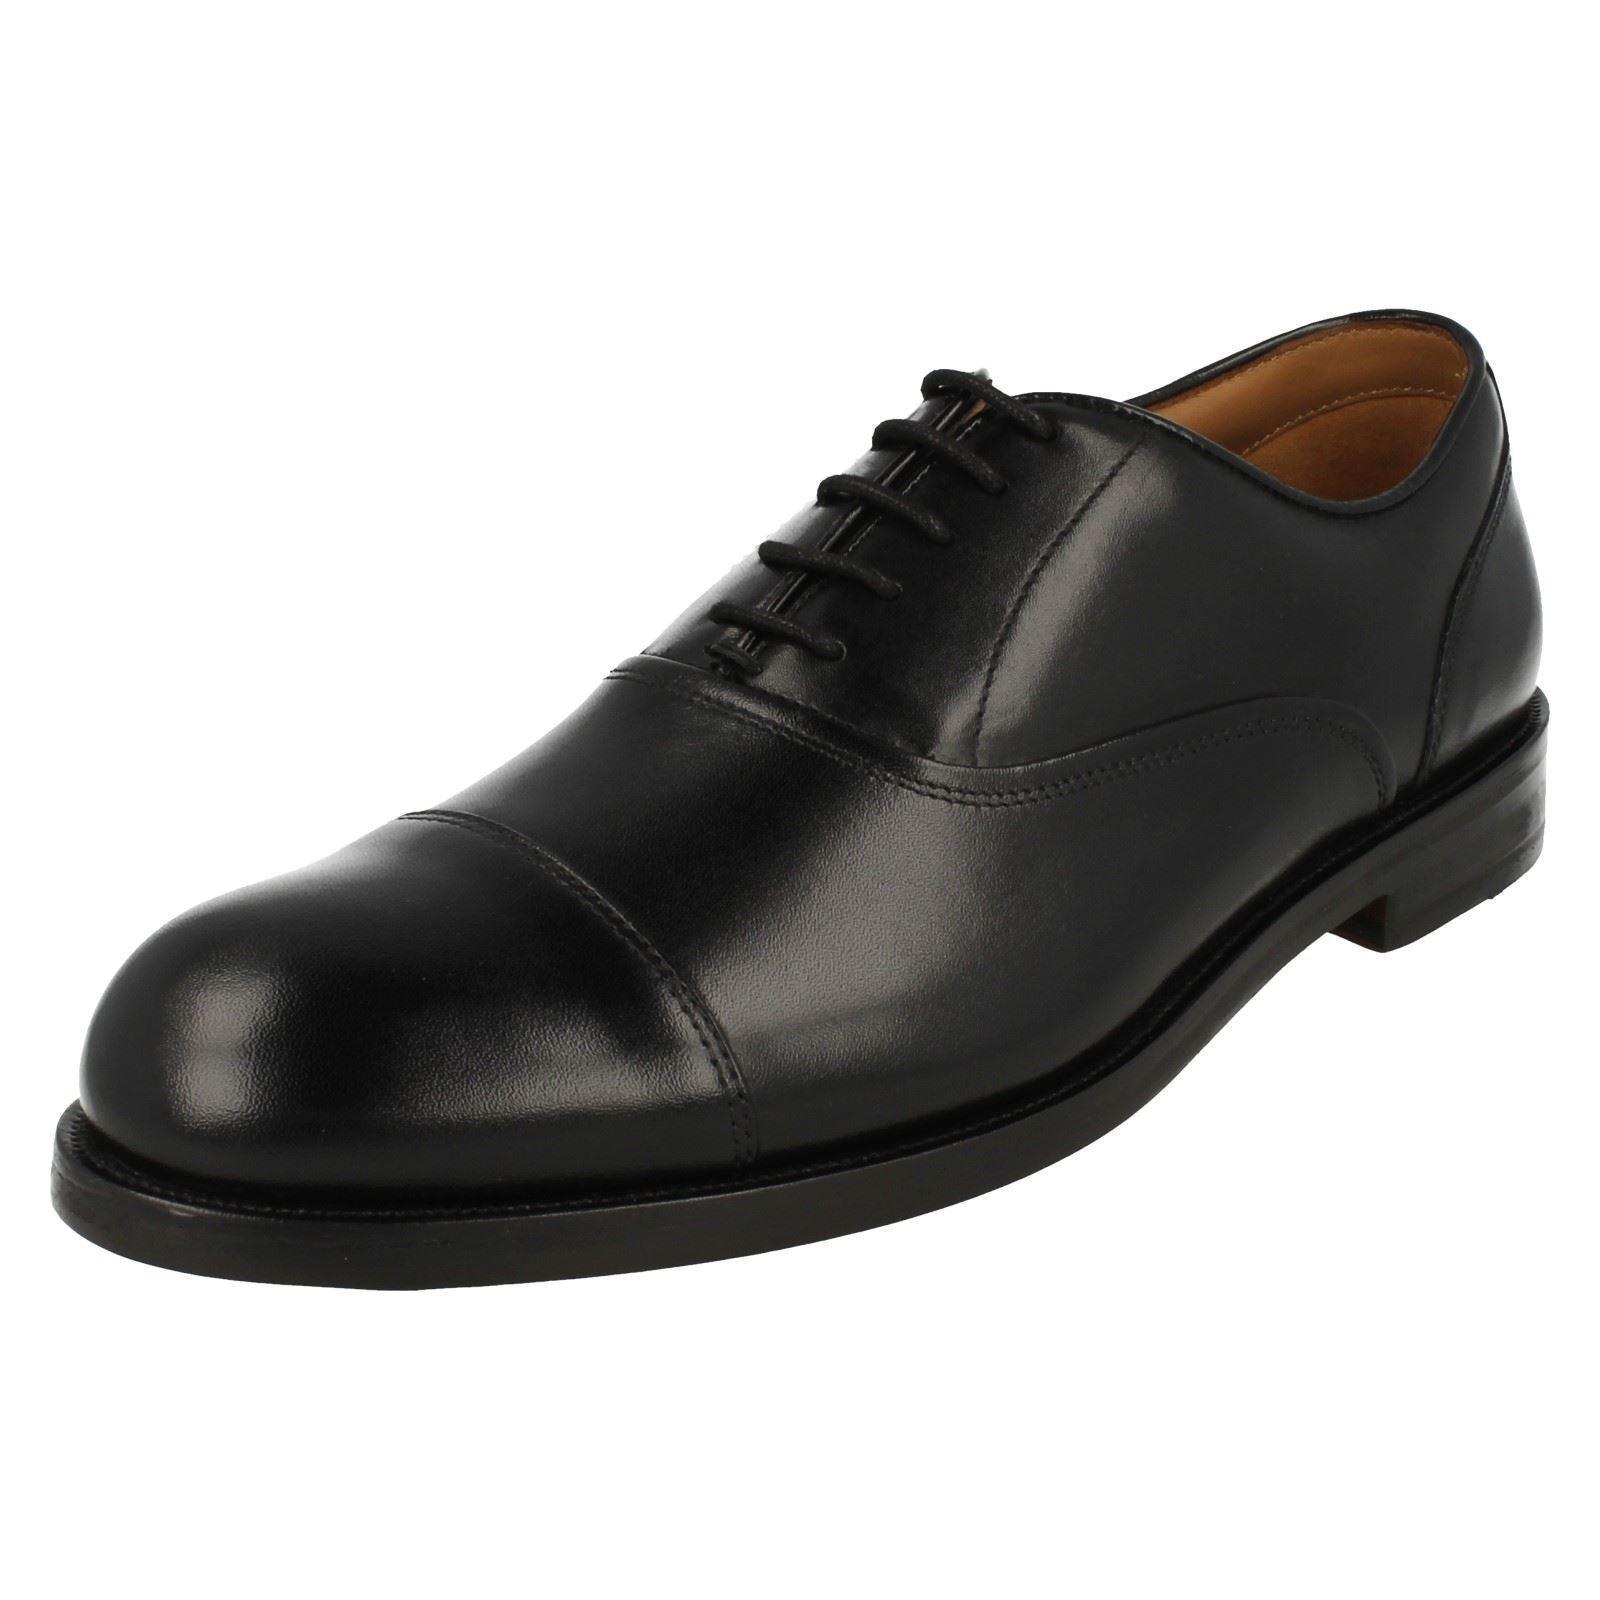 Zapatos casuales salvajes Hombre Clarks Coling Boss Inteligentes Zapatos De Piel Negros Con Cordones